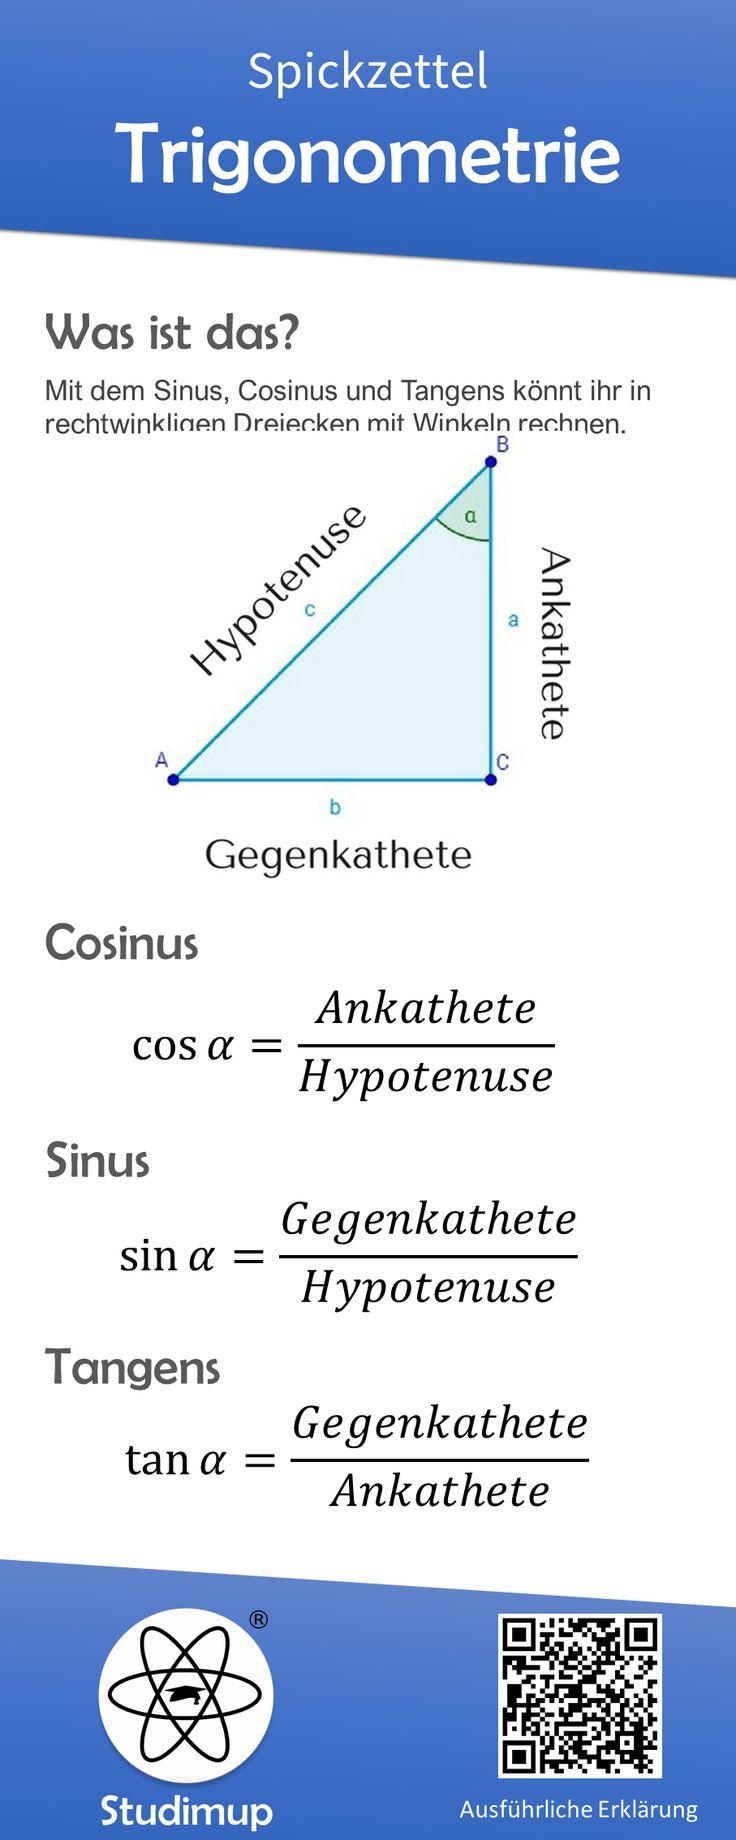 Trigonometrie Mathe Spickzettel